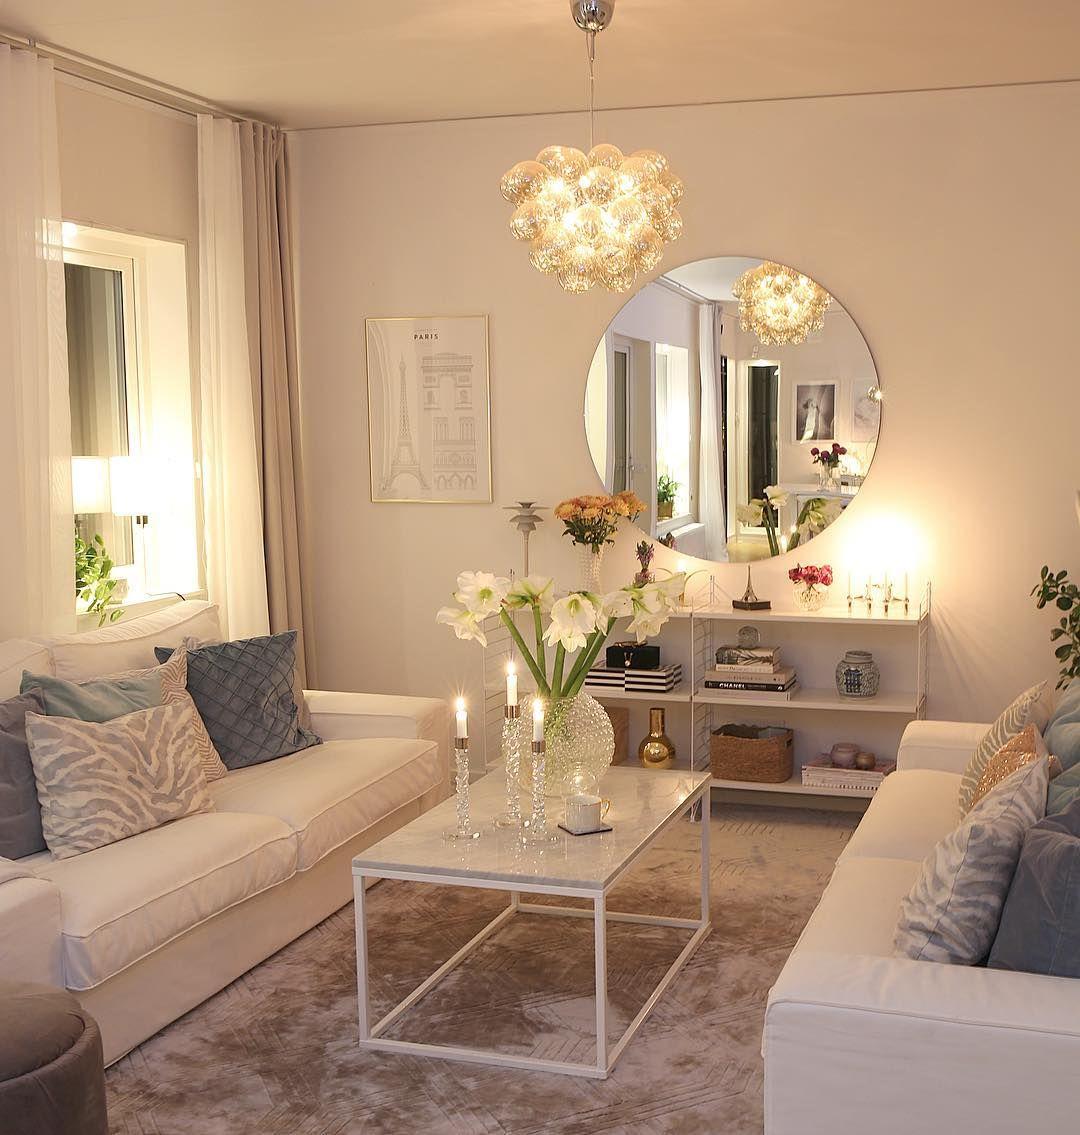 wohnzimmer,deko,wohnzimmer ideen,dekoration,home ideen,home